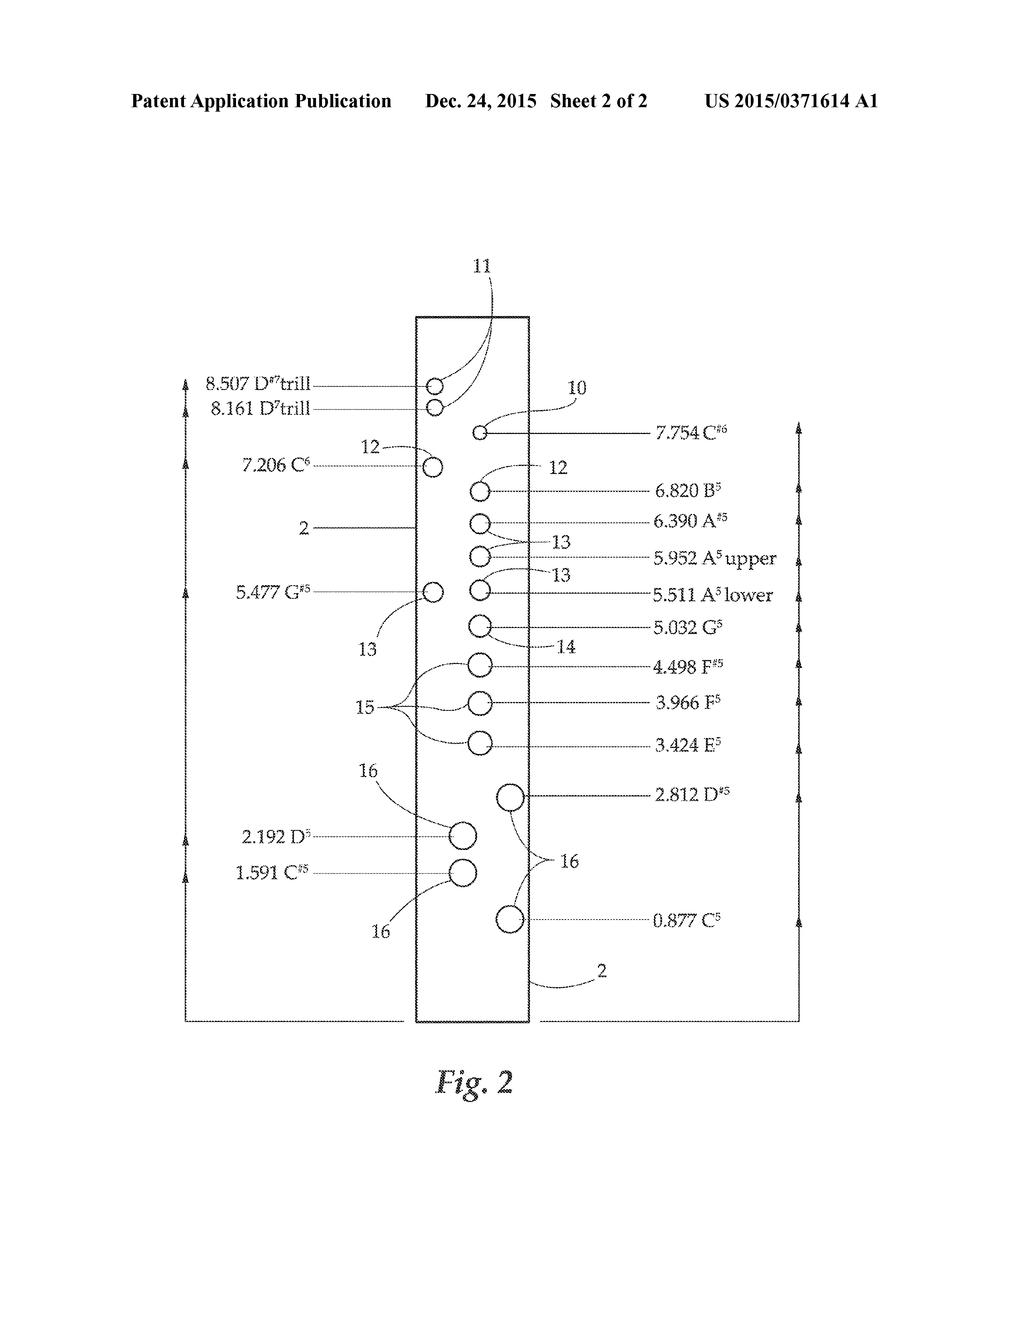 piccolo diagram schematic and image 03 rh patentsencyclopedia com  Pipe Organ Schematic